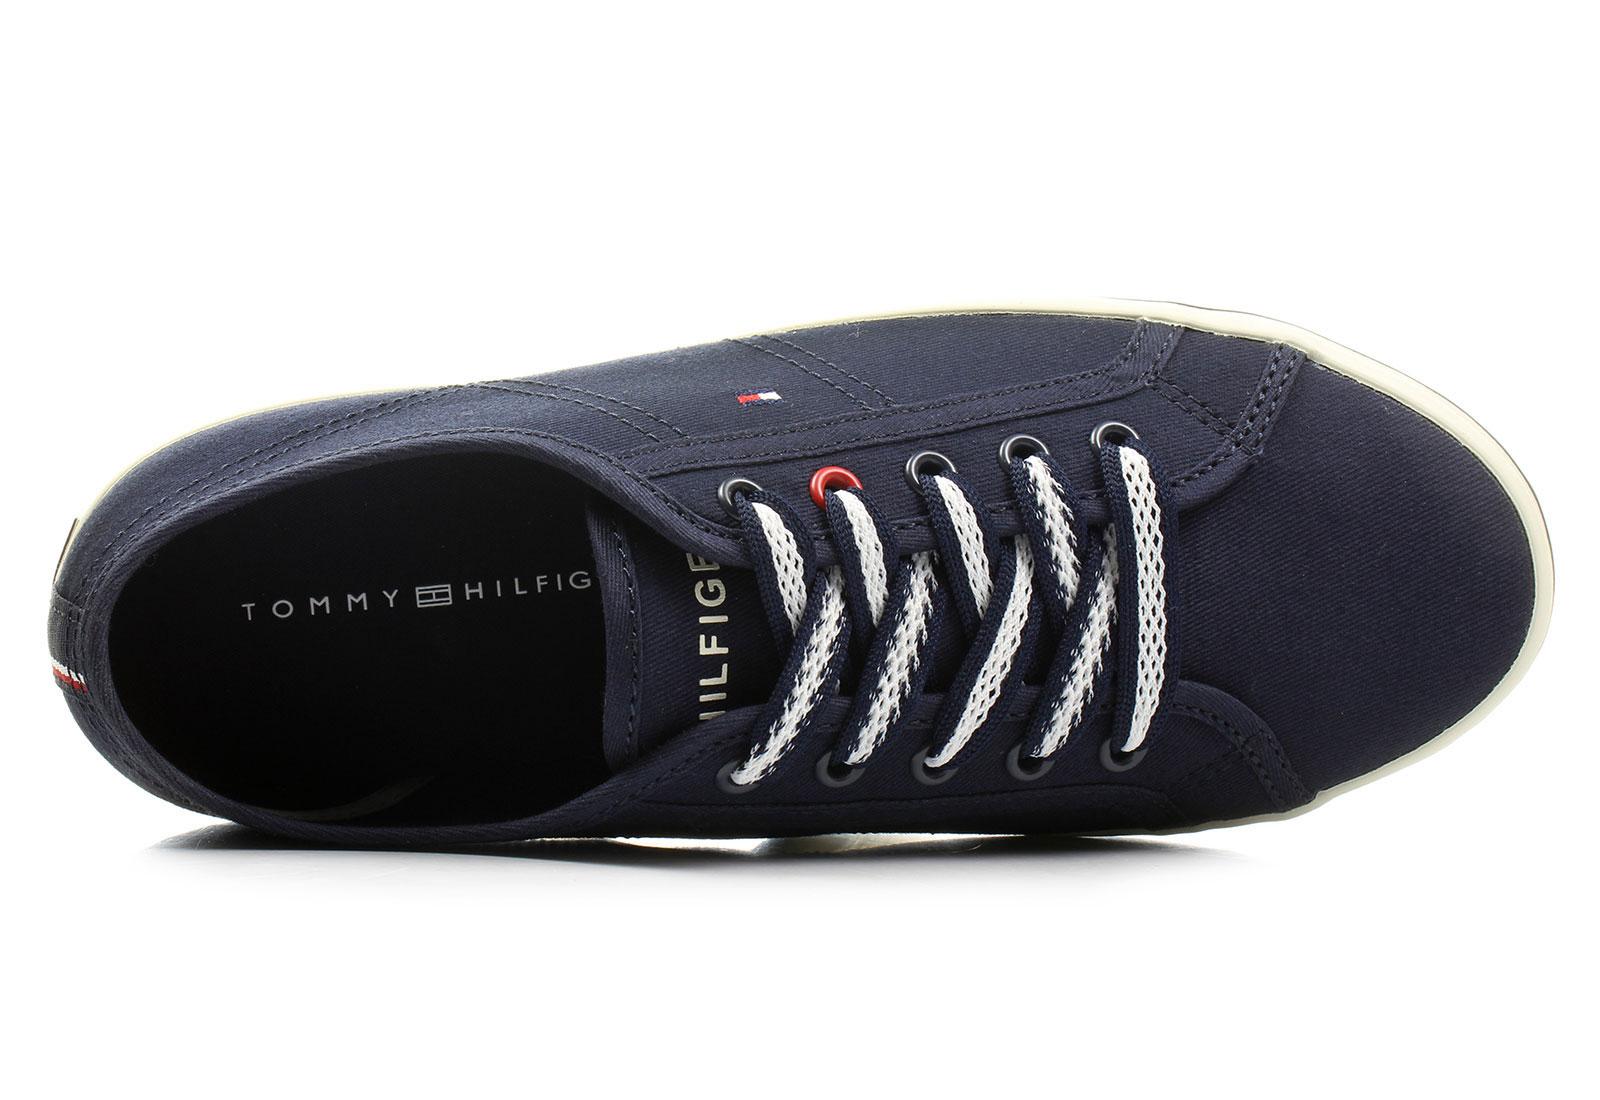 tommy hilfiger shoes victoria 2d 16s 0840 403 online shop for. Black Bedroom Furniture Sets. Home Design Ideas